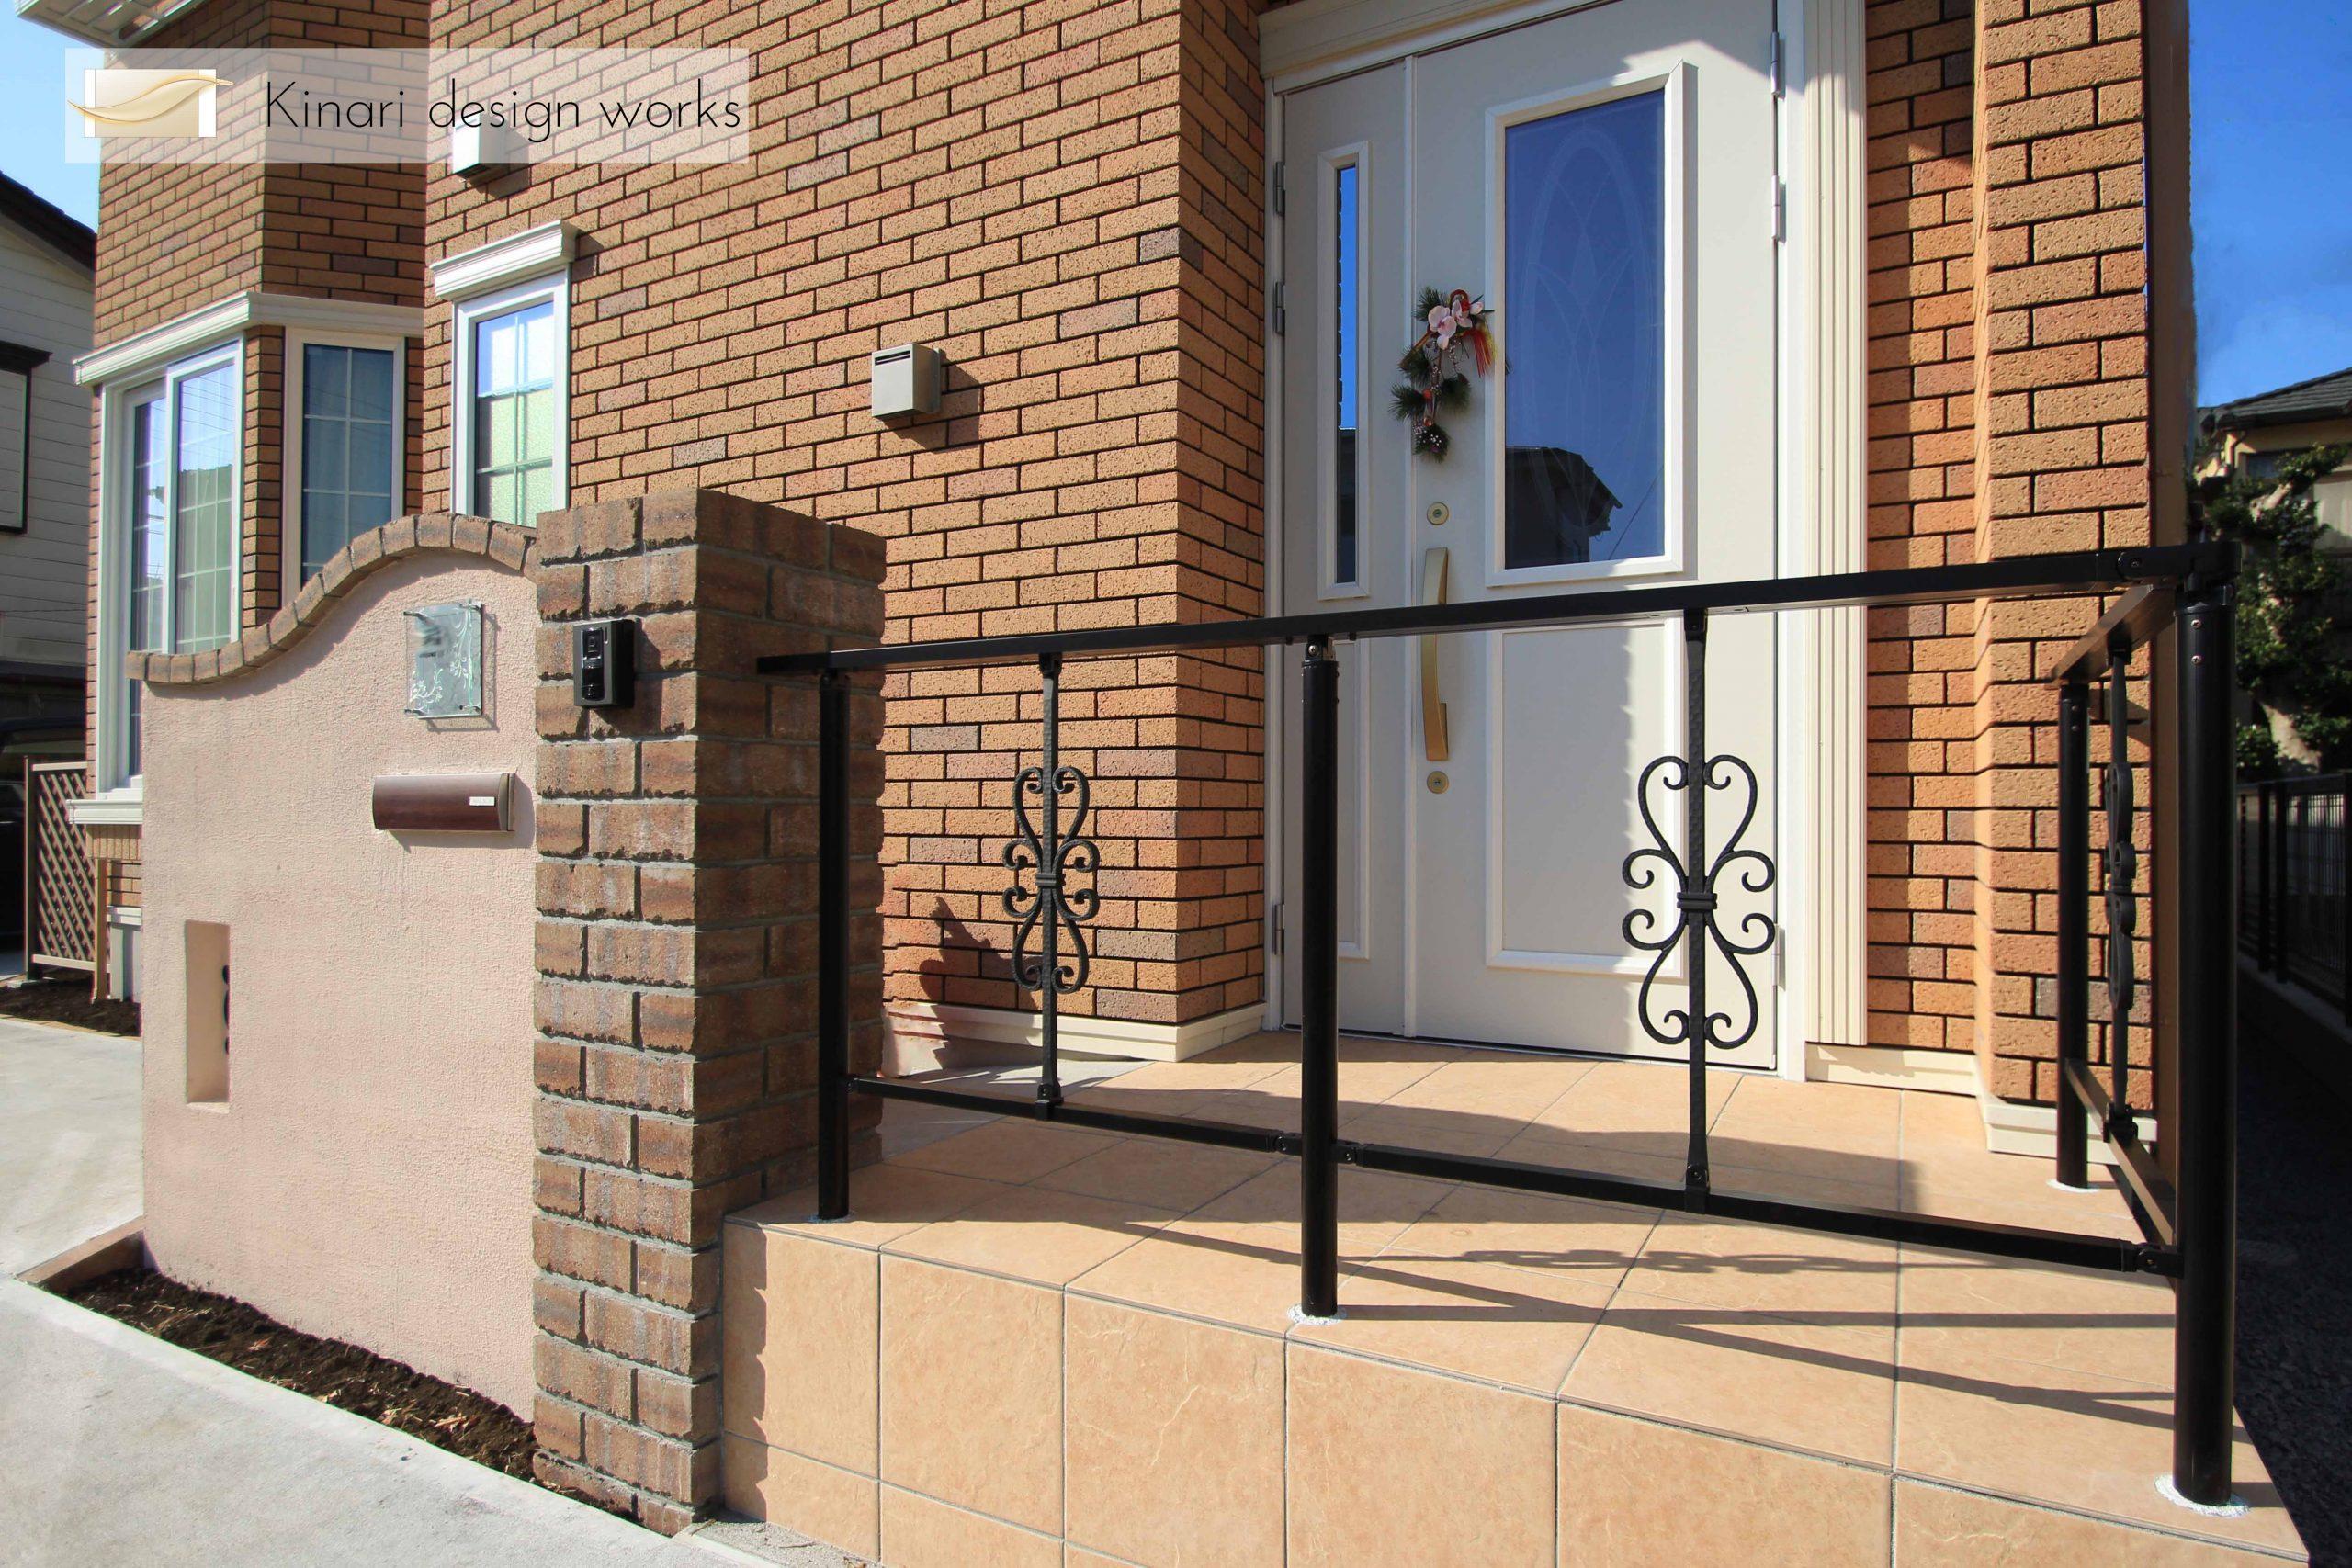 船橋市にて。<br>レンガのカーブがかわいい玄関廻り。1